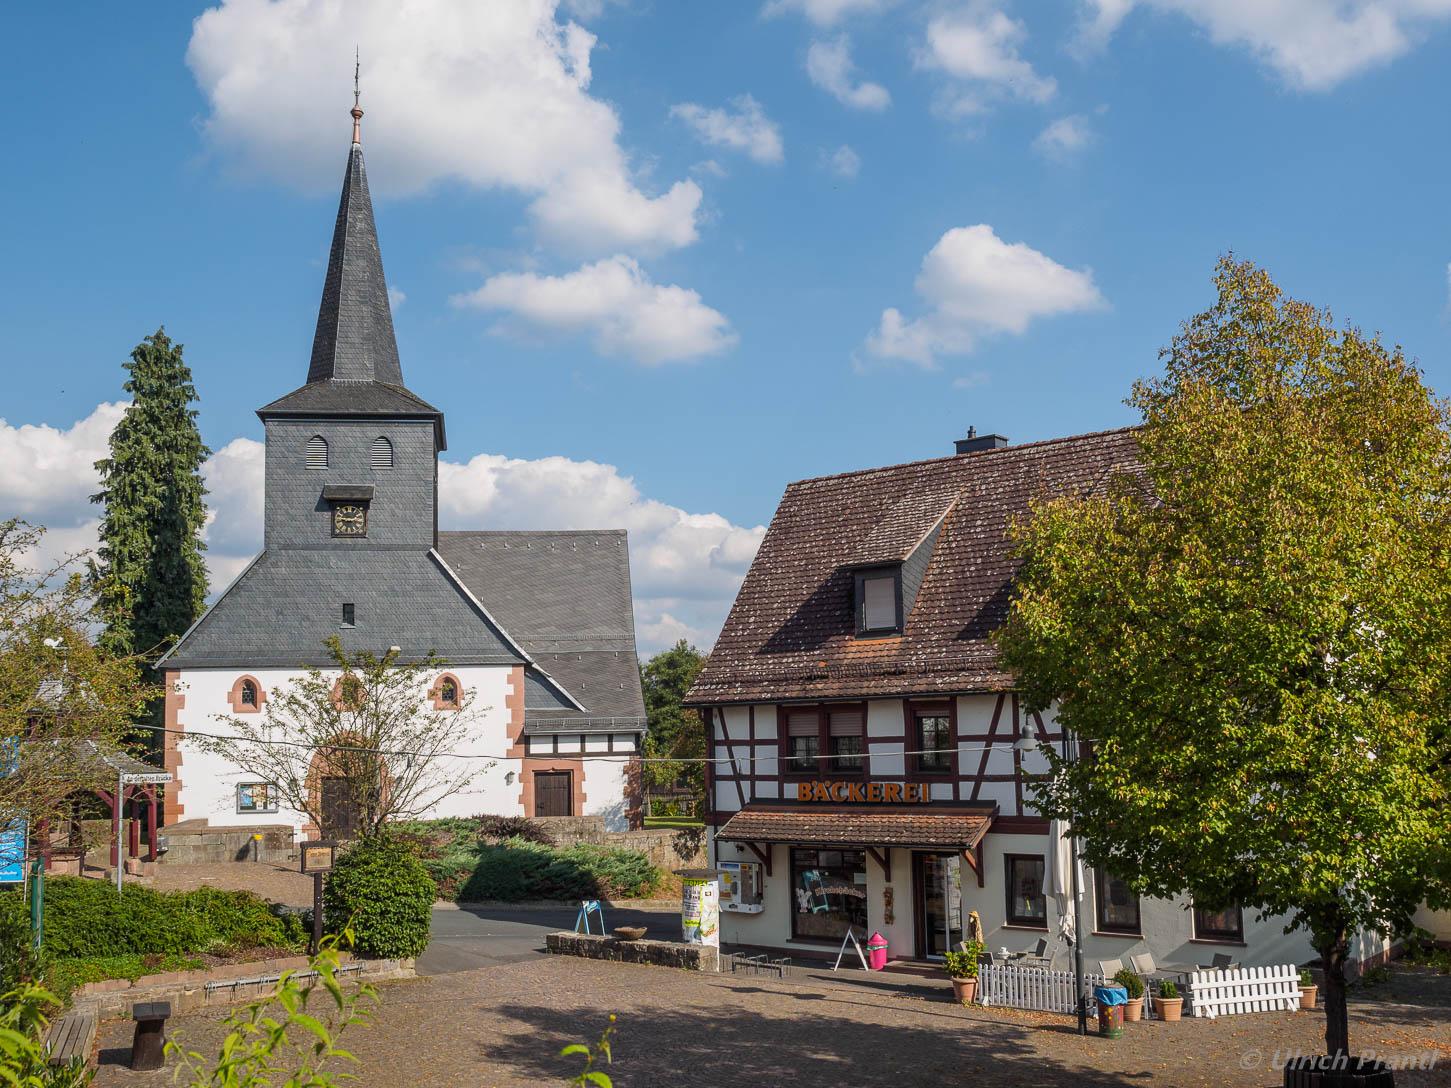 Altengronau